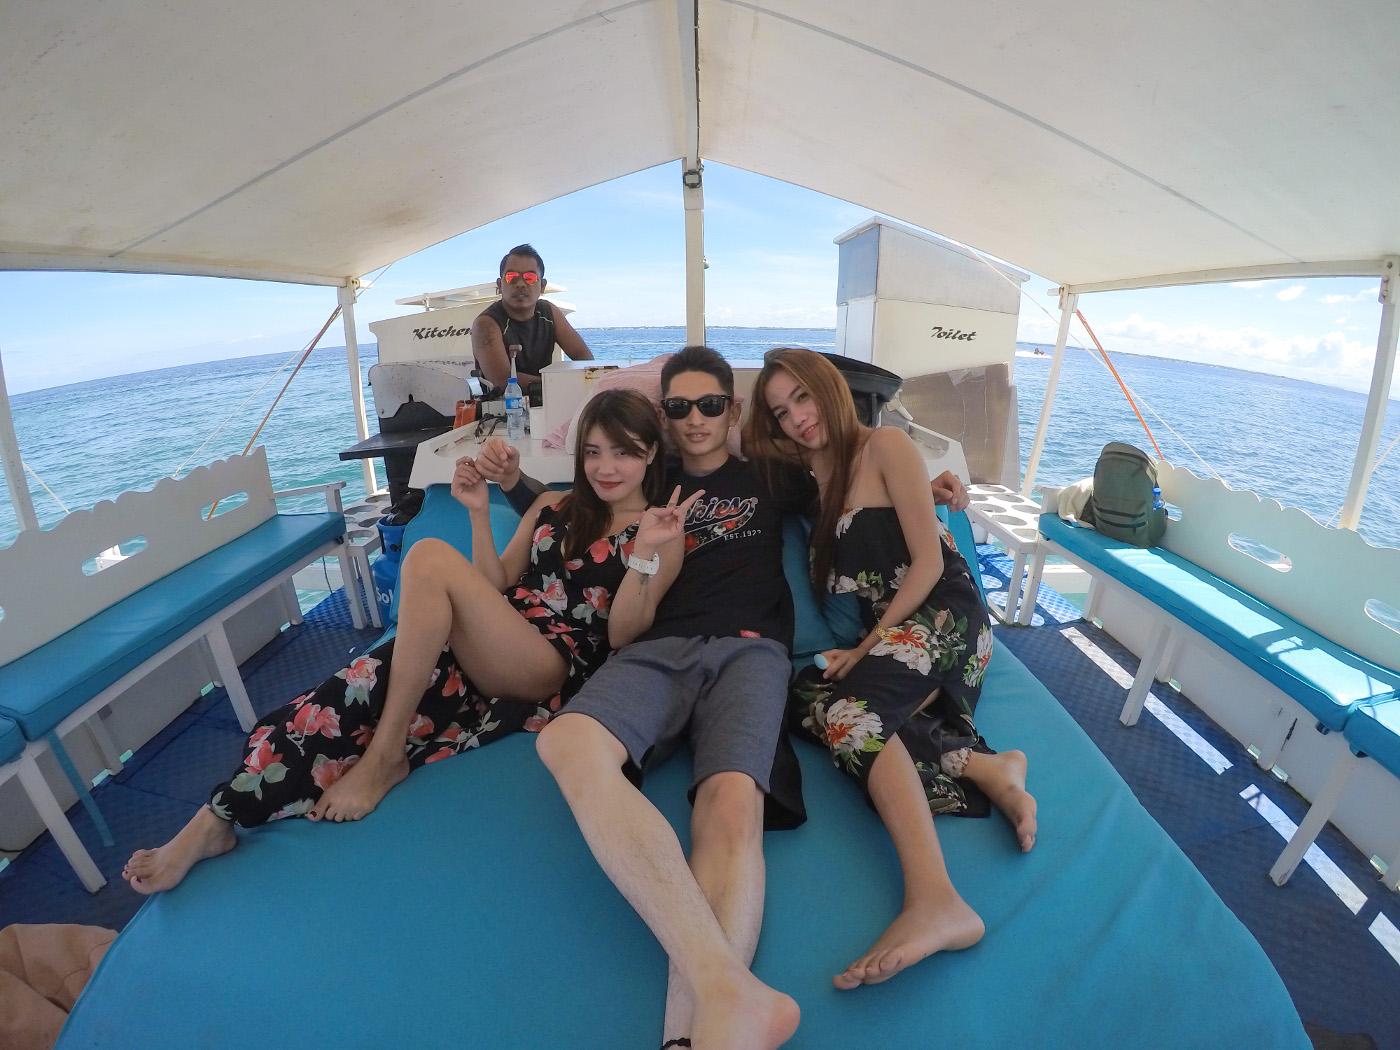 貸切ボートで女性2人に挟まれる男性